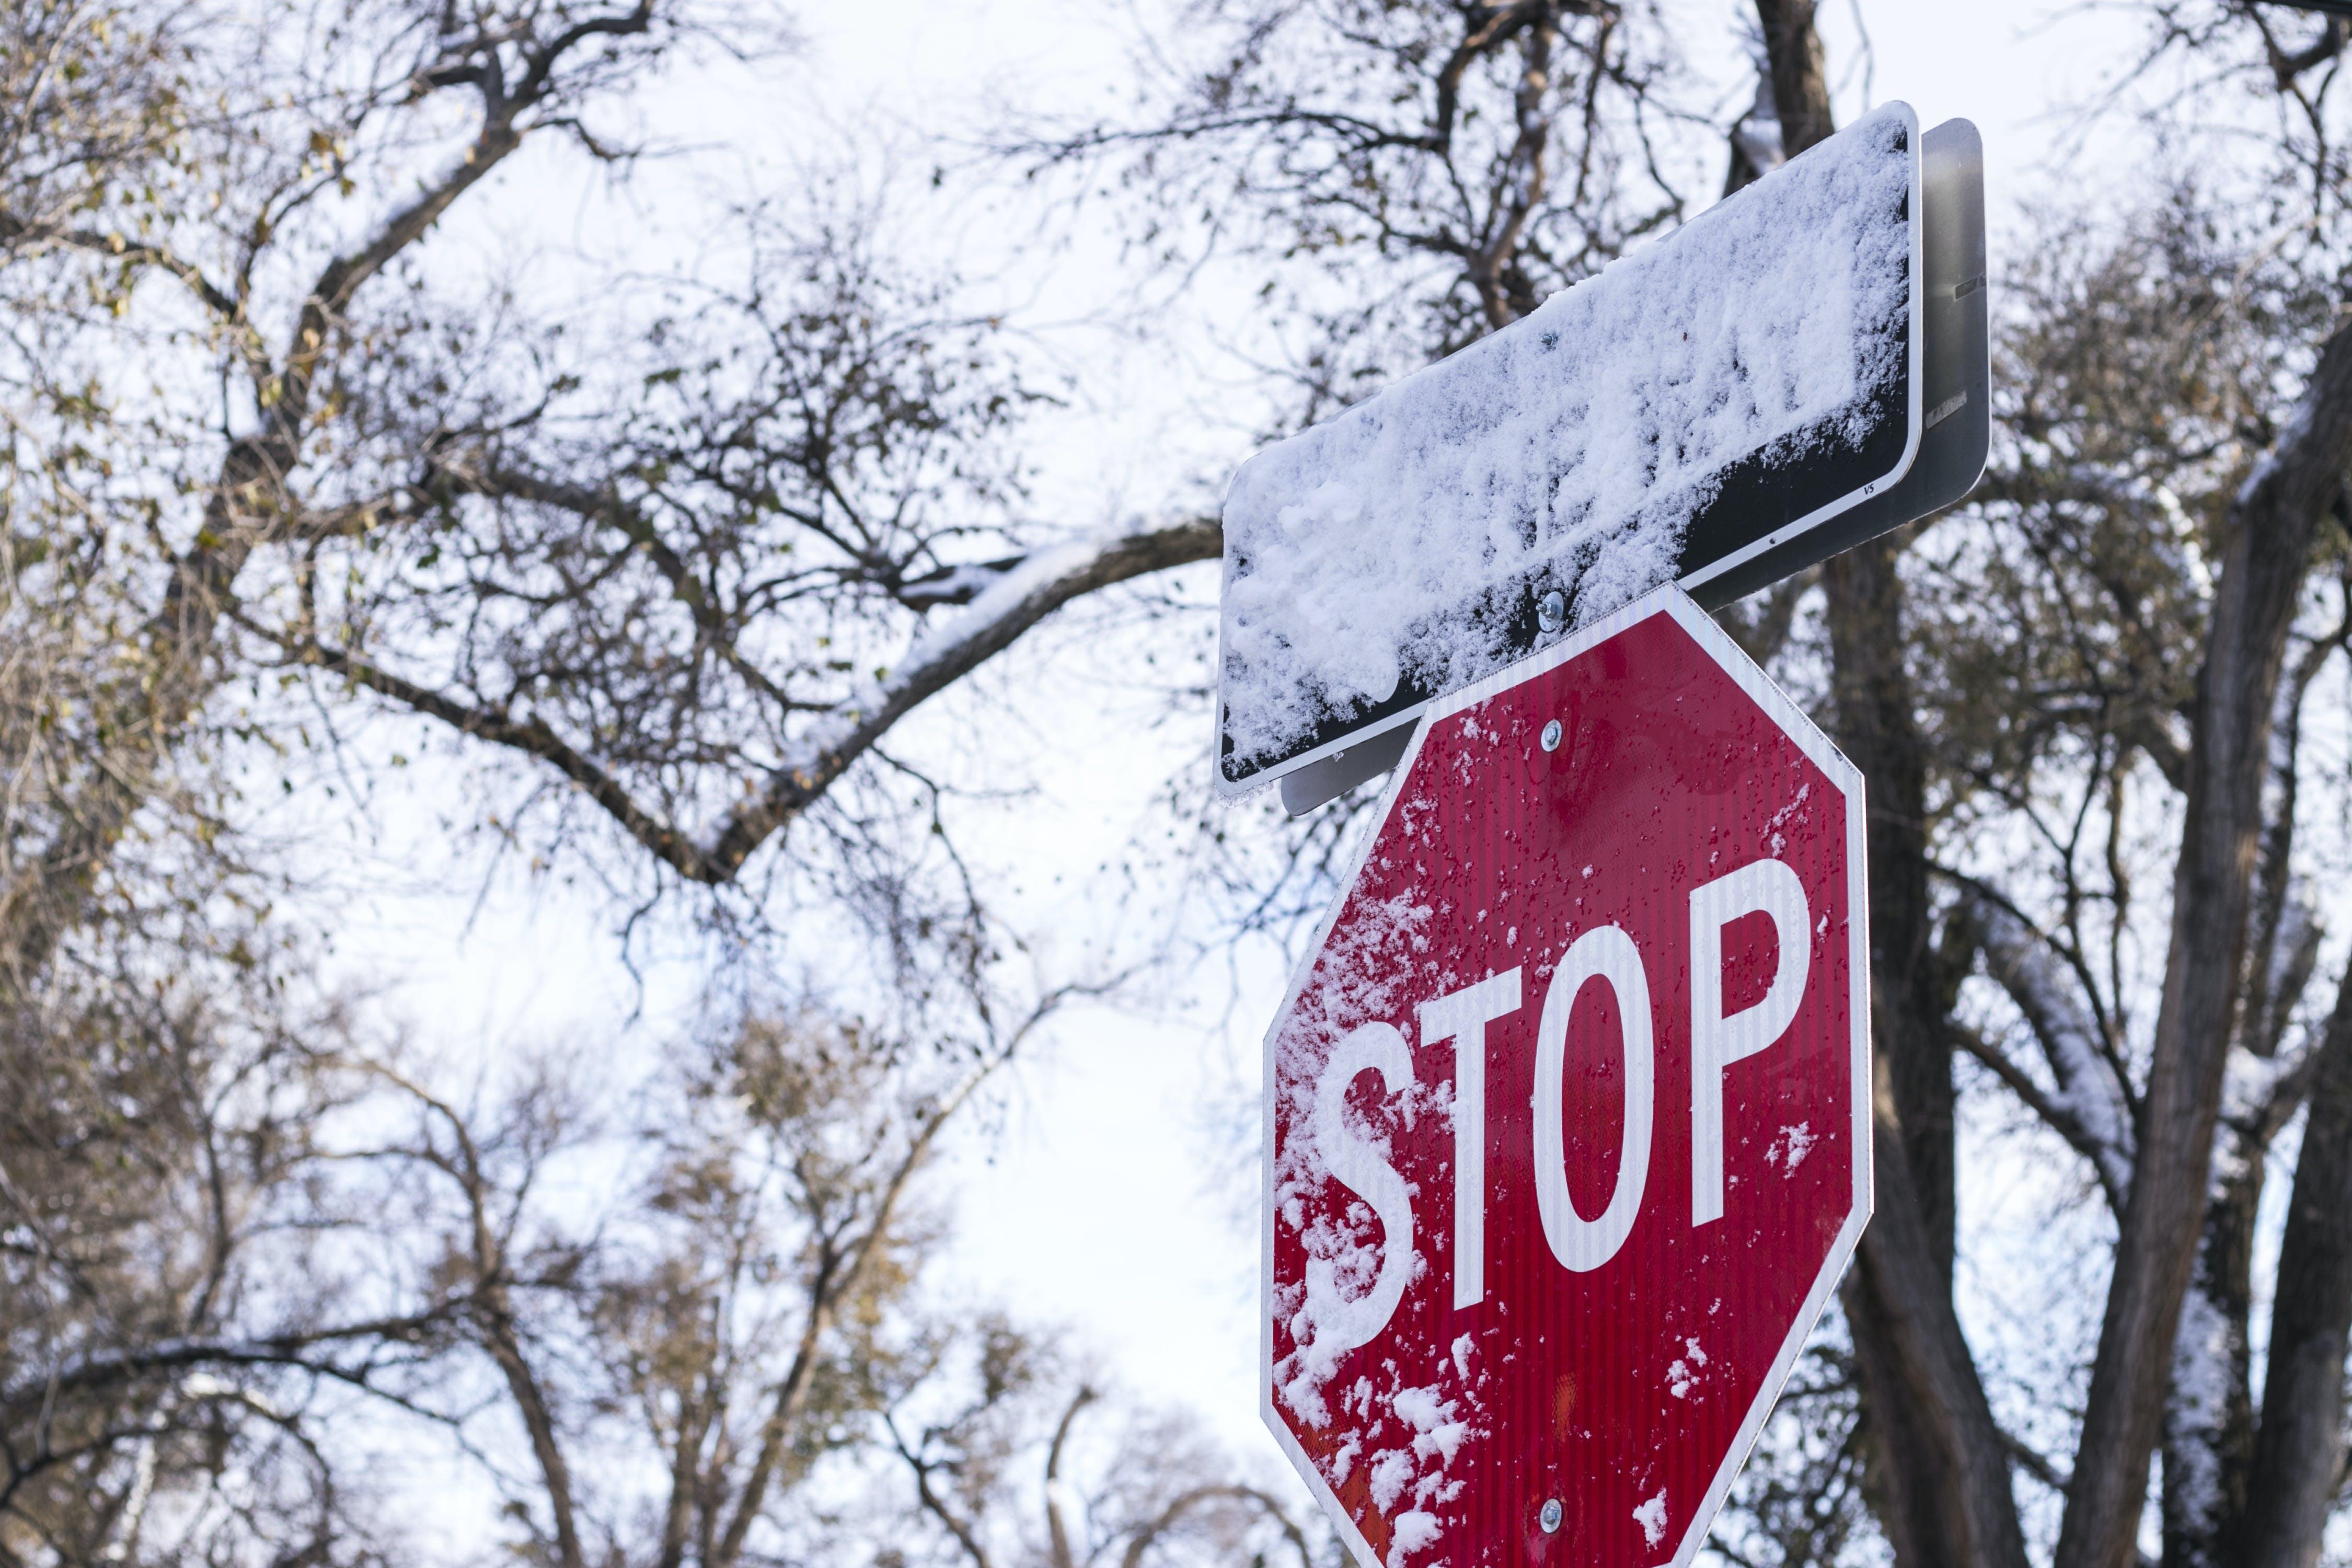 Darmowe zdjęcie z galerii z piękna zima, śnieg, zima, znak stopu